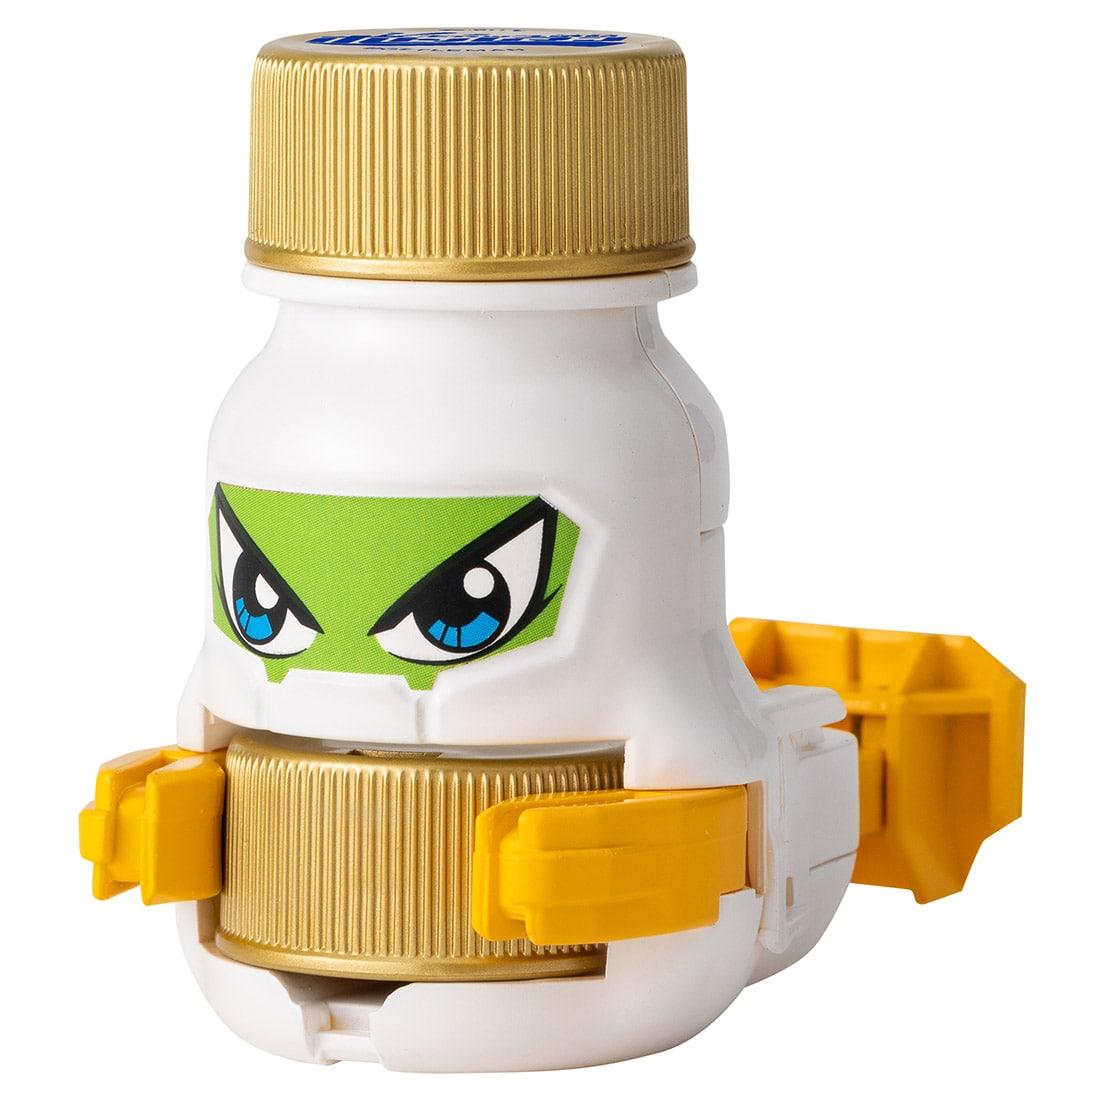 キャップ革命 ボトルマン『BOT-15 神ワザチャレンジ10 スマッシュセット』おもちゃ-001